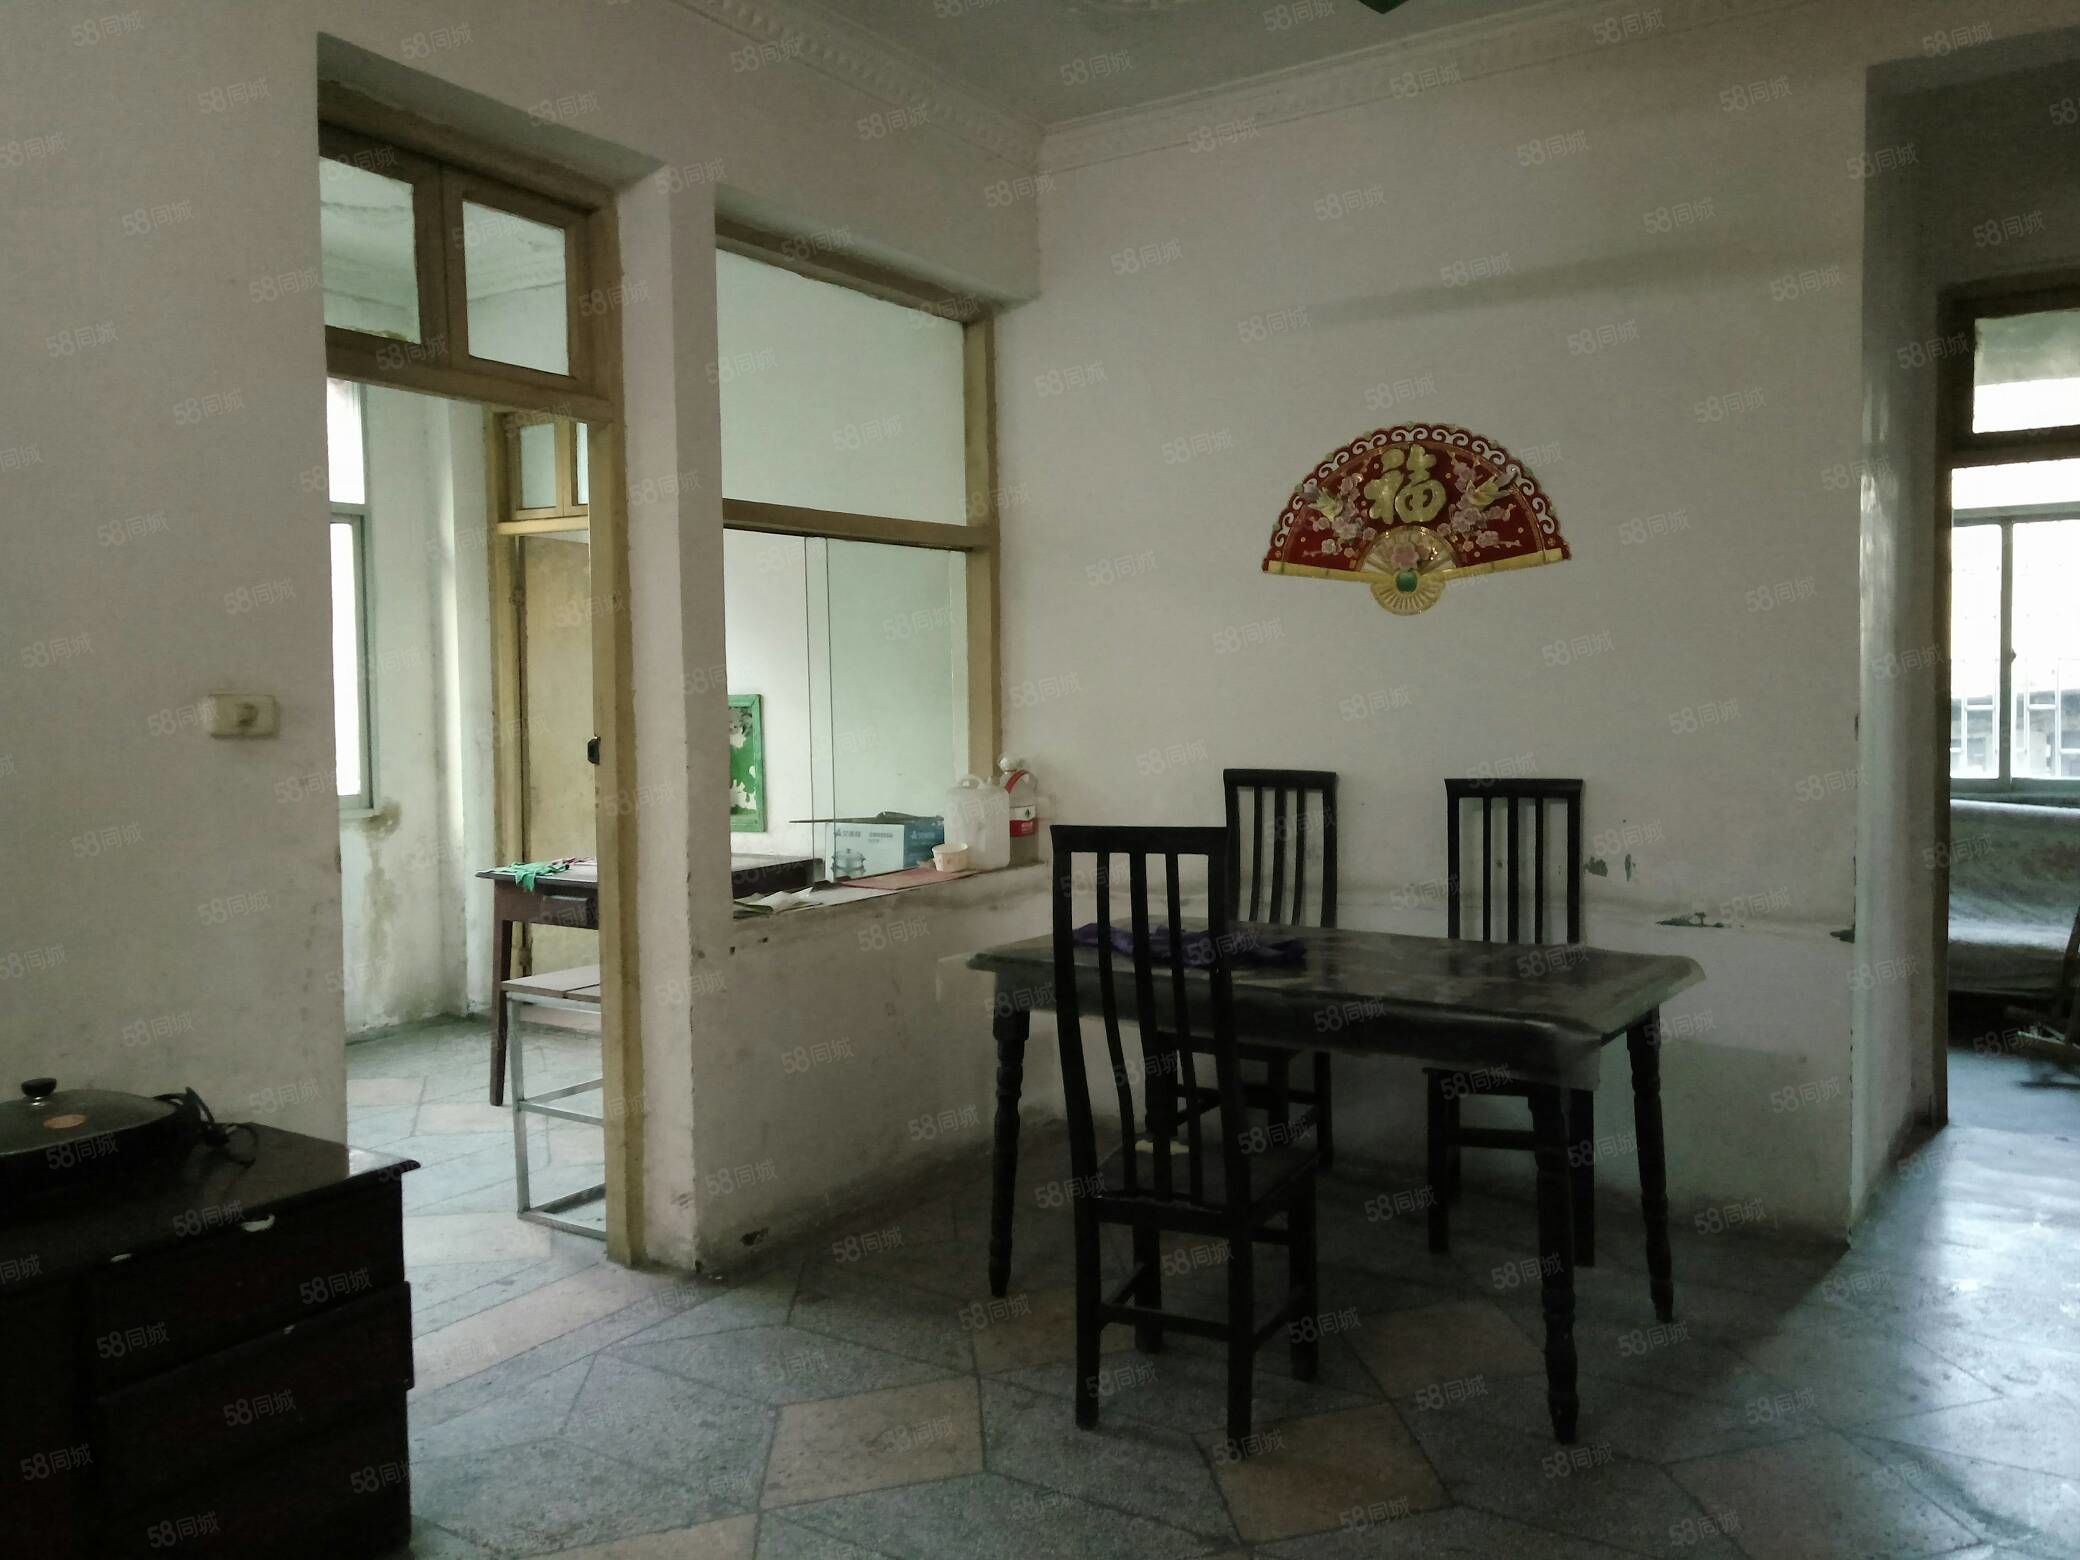 南塔小区鄂州日报旁独栋3房半